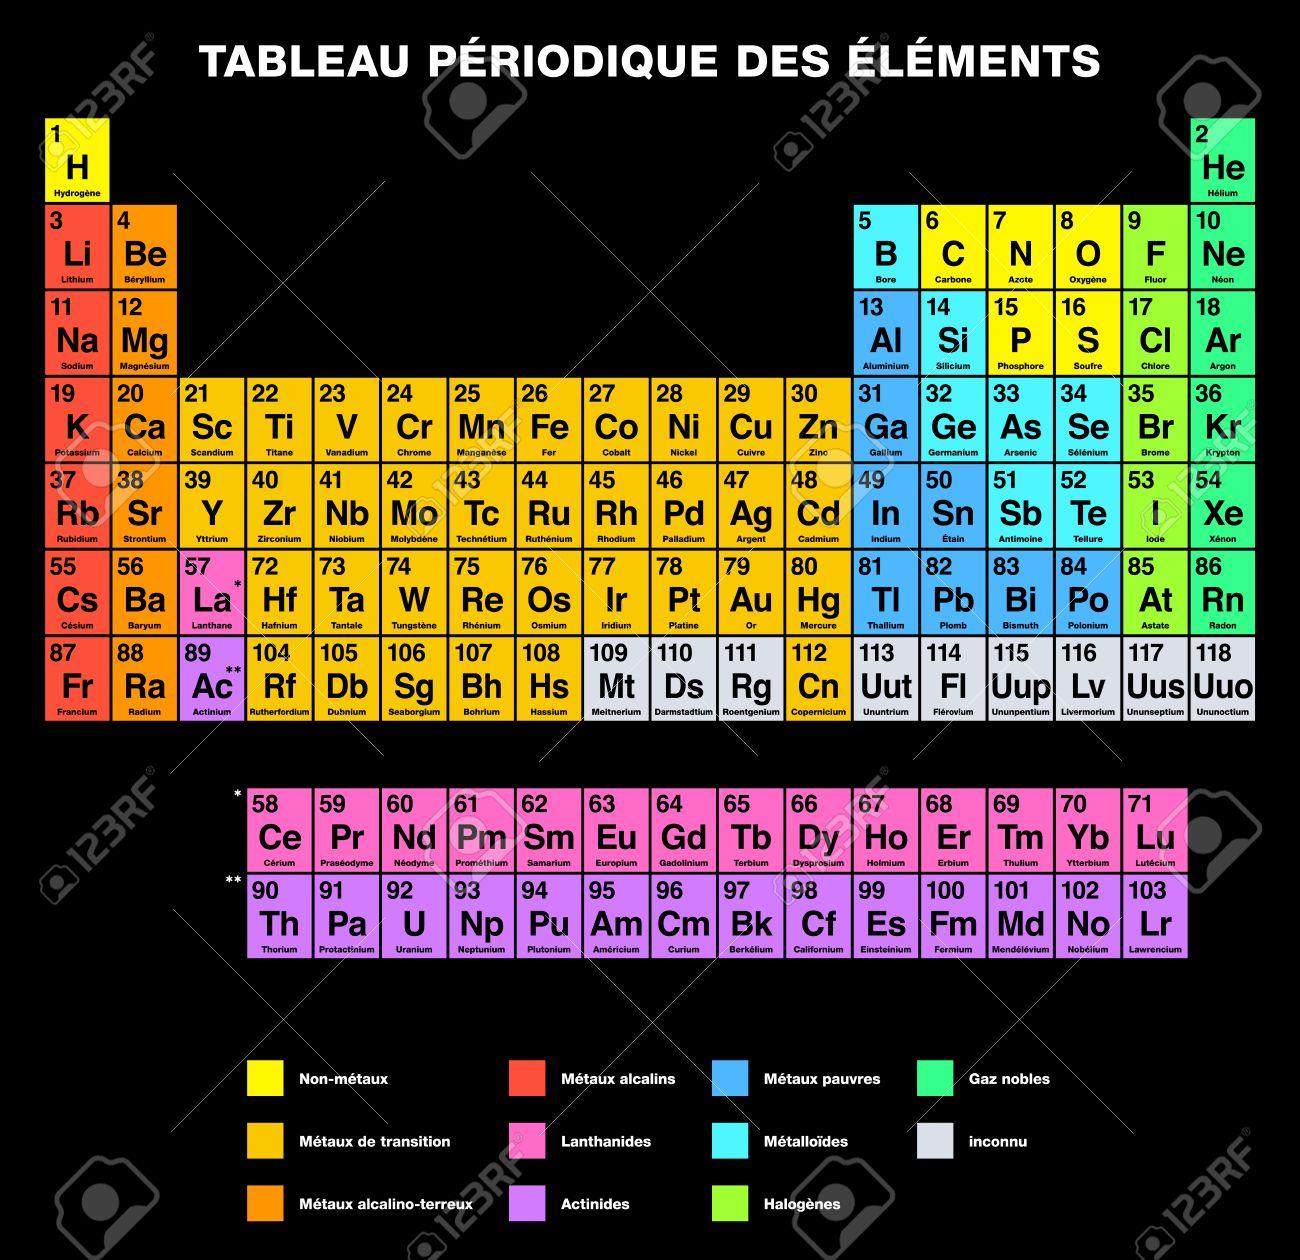 Tabla peridica de los elementos de etiquetado francs arreglo foto de archivo tabla peridica de los elementos de etiquetado francs arreglo tabular de los elementos qumicos con nmeros atmicos su organizados en urtaz Images